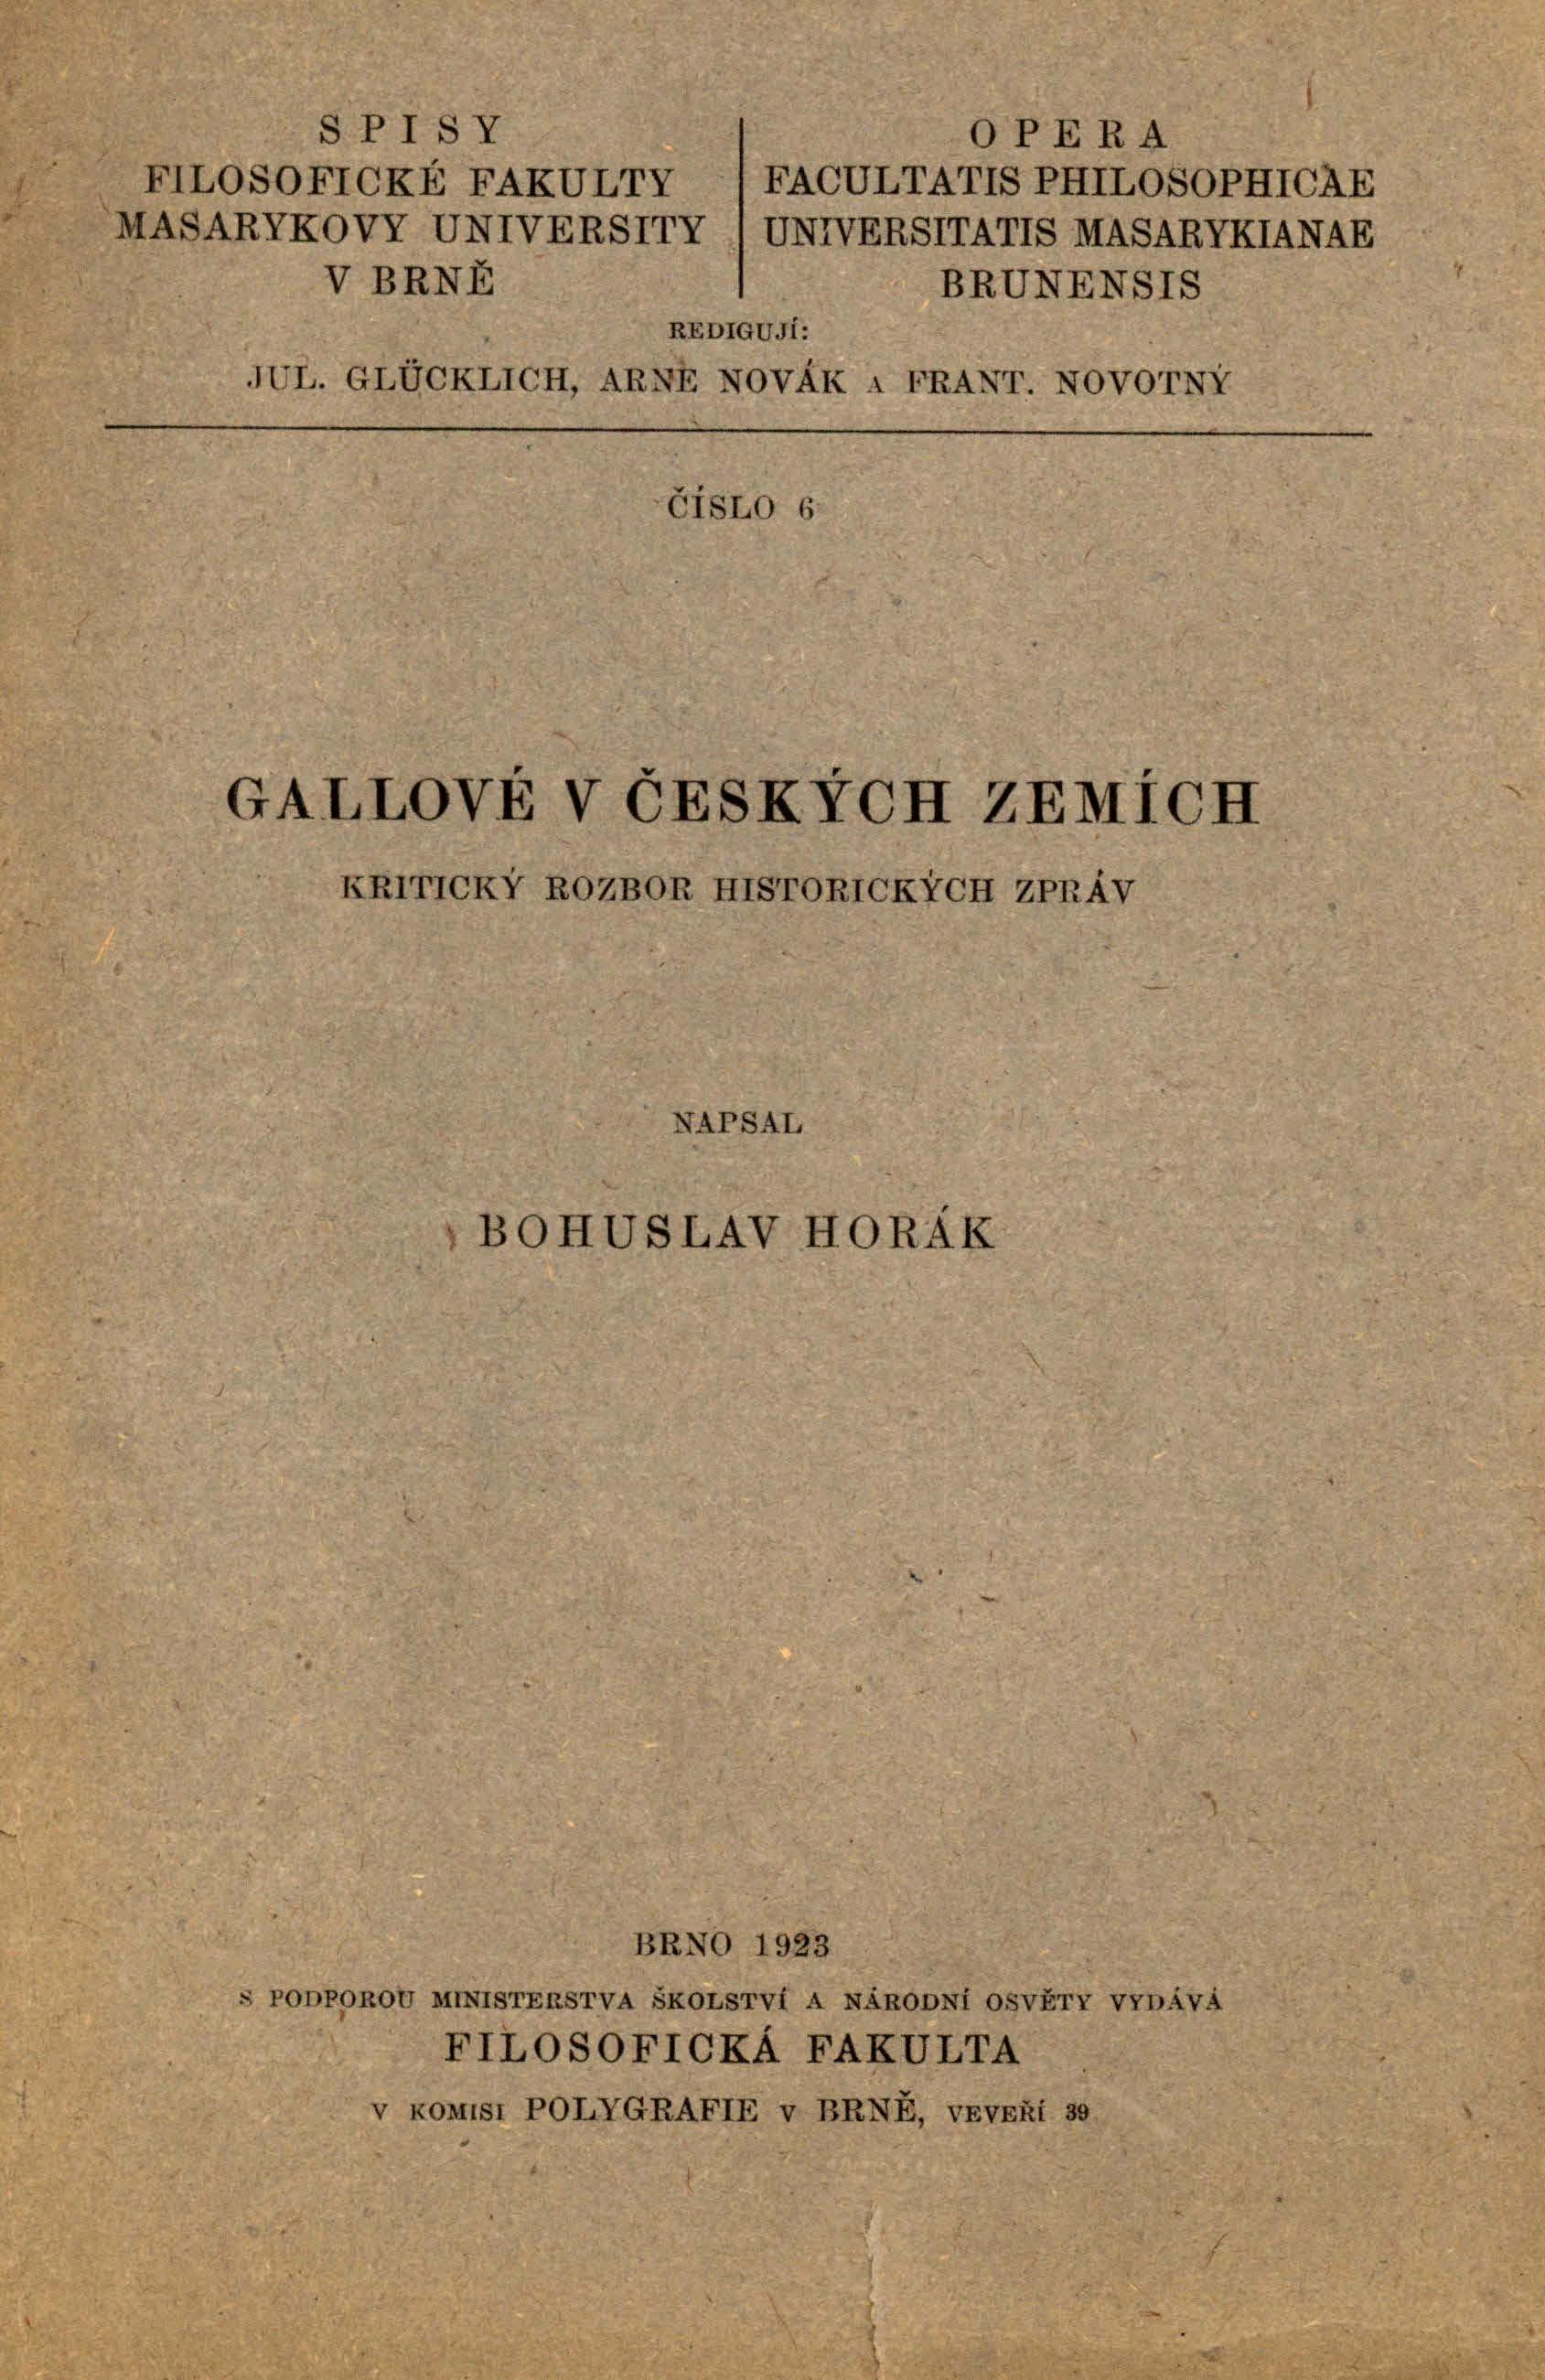 Obálka pro Gallové v českých zemích : kritický rozbor historických zpráv